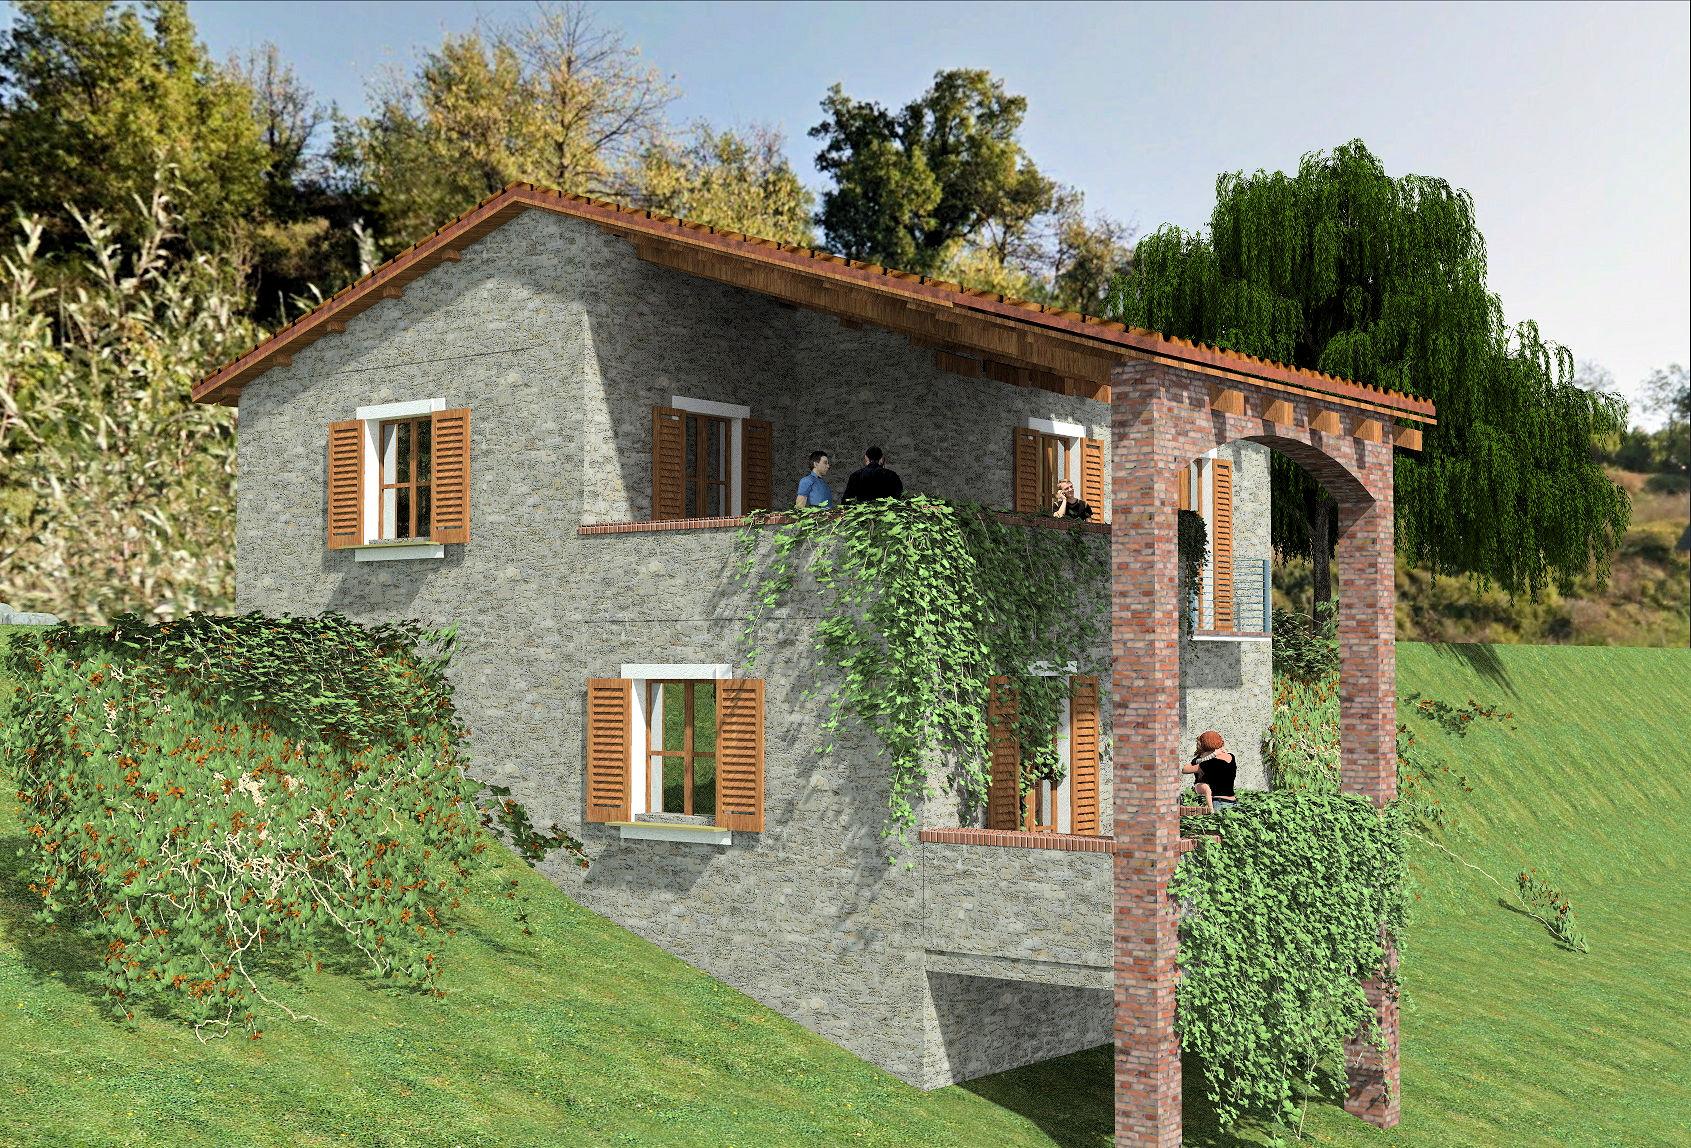 Rustico / Casale in vendita a San Romano in Garfagnana, 5 locali, prezzo € 90.000 | Cambio Casa.it